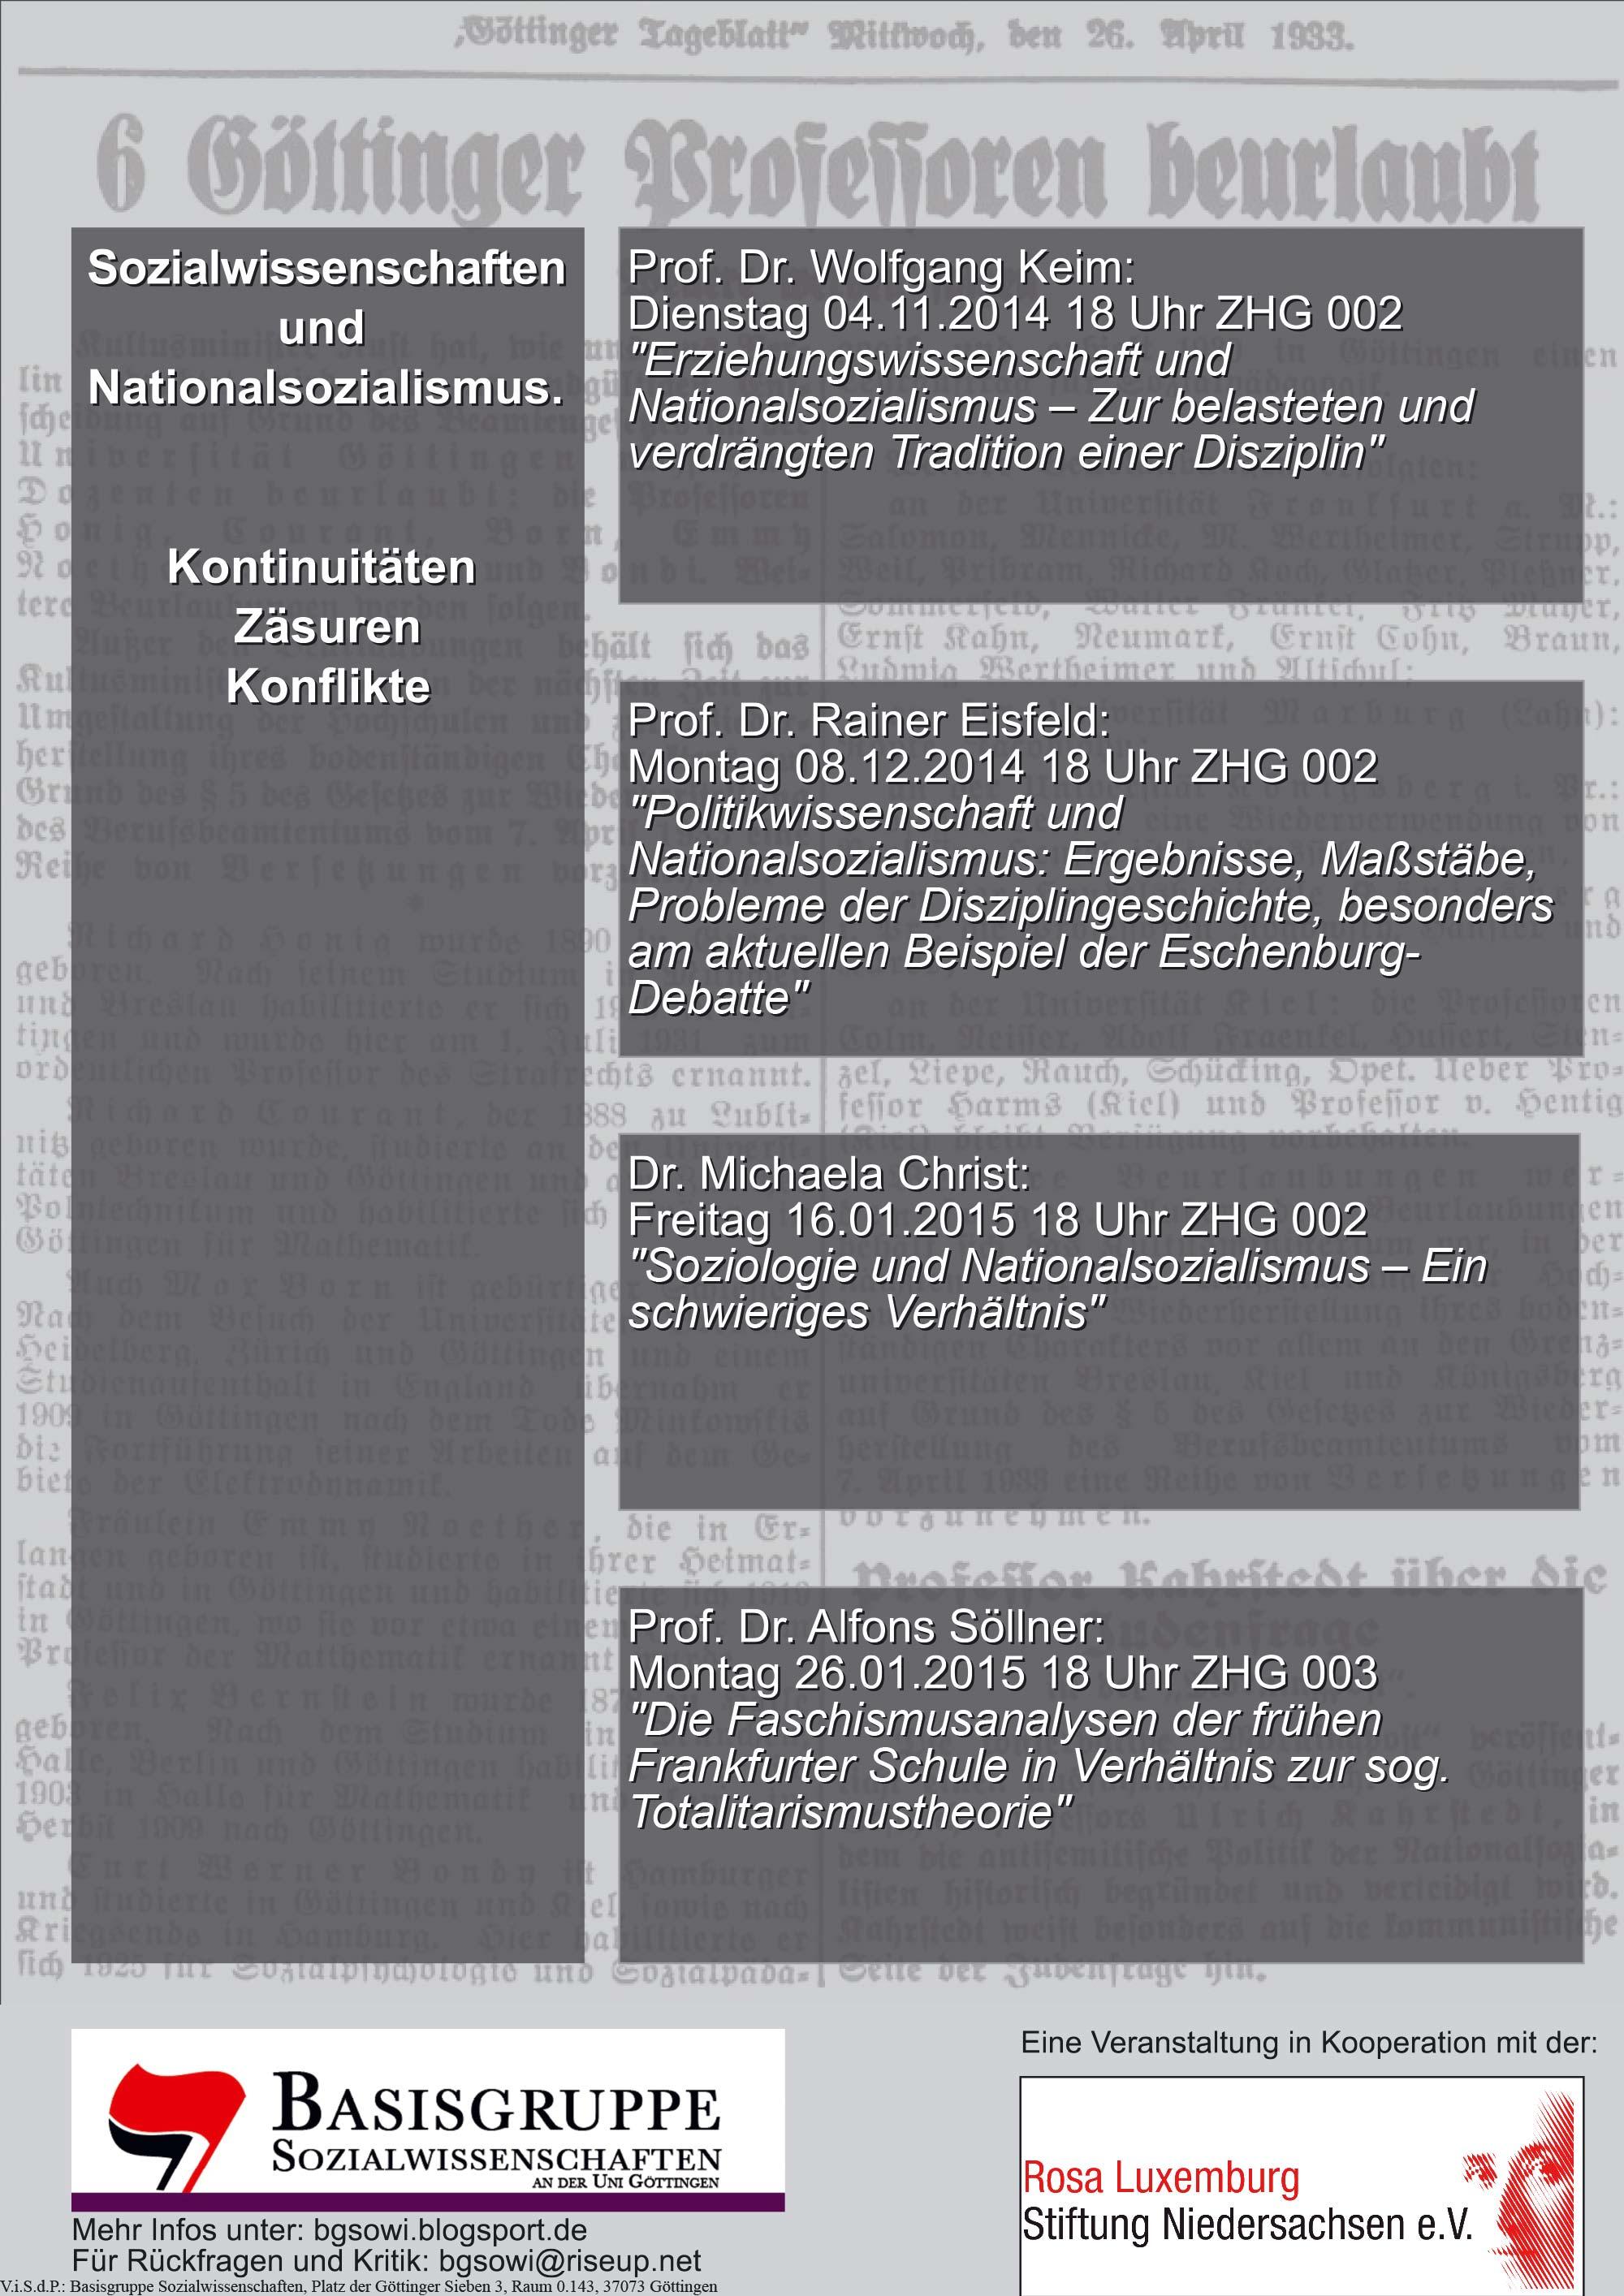 Sozialwissenschaften und Nationalsozialismus WiSe 2014/2015 Plakat